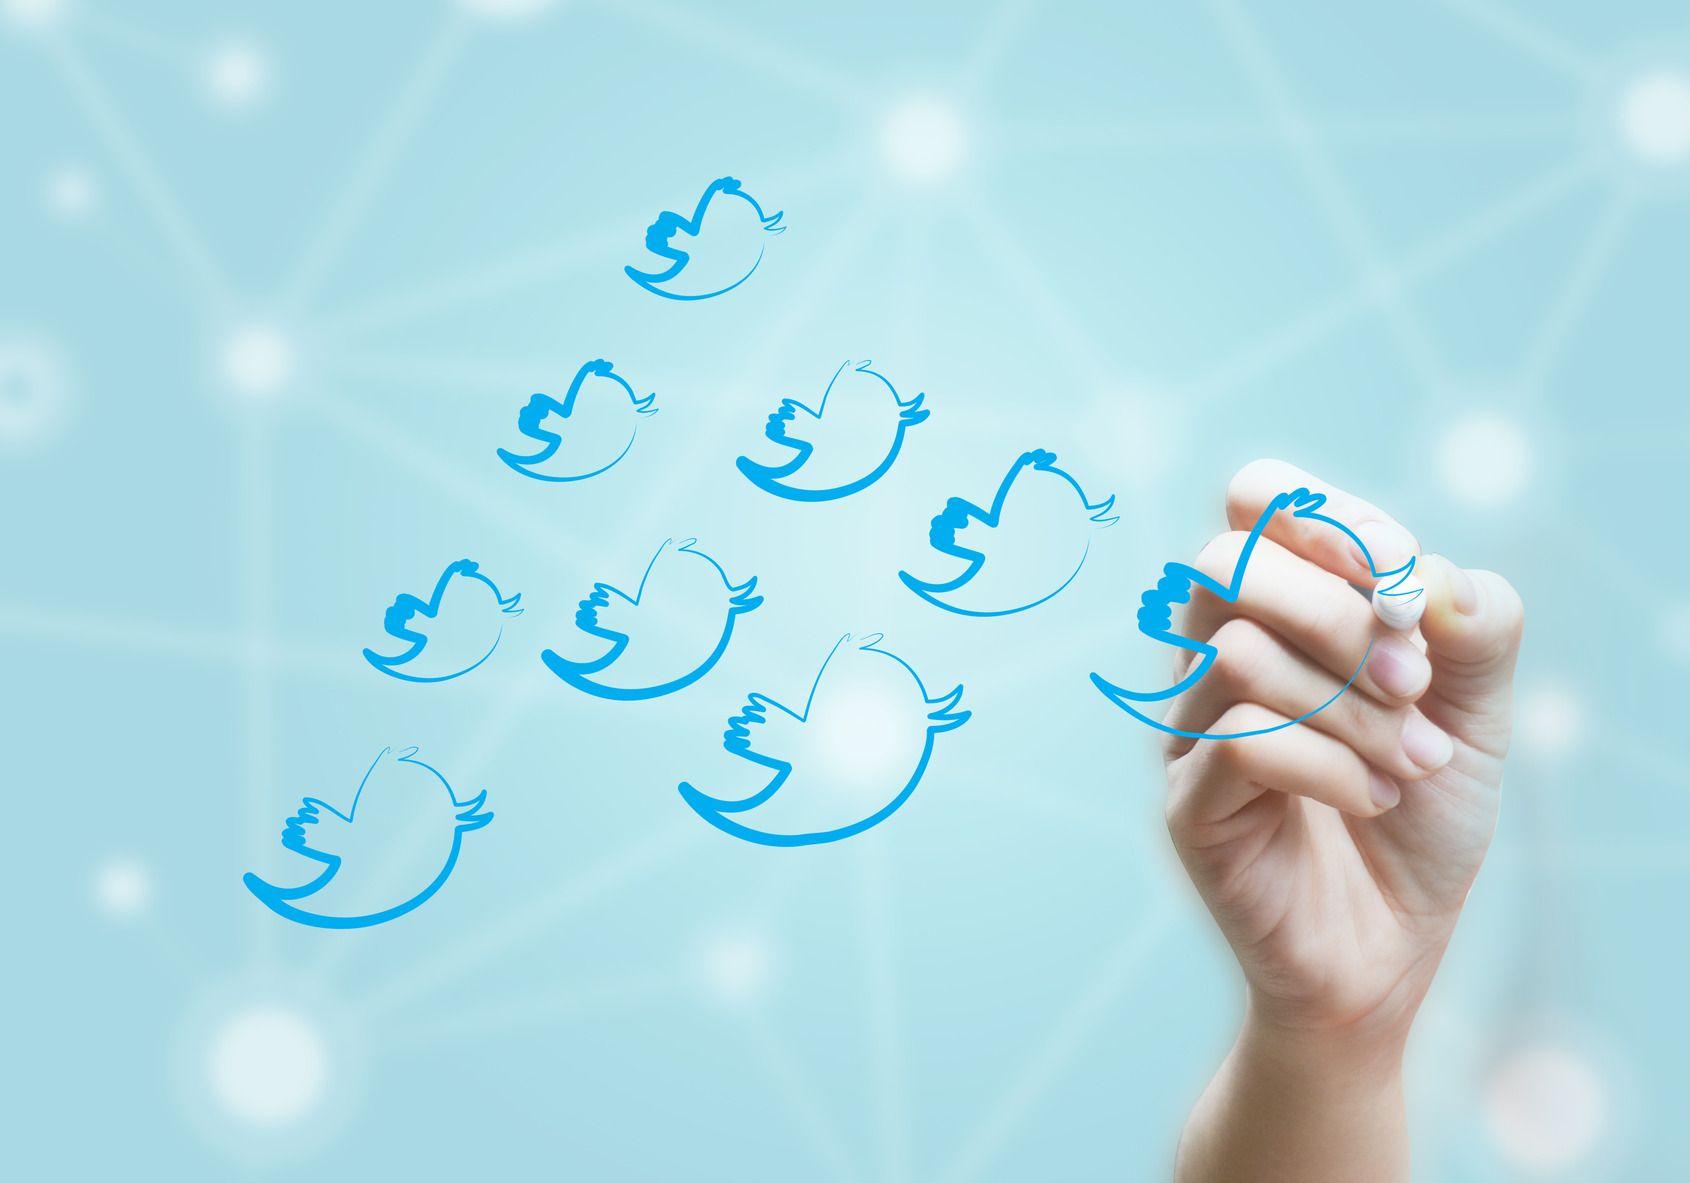 In den letzten Jahren hat sich ein ganz neuer Markt gebildet, der einige lukrative Chancen zum Geld verdienen bietet. Twitter wird längst nicht mehr ausschließlich privat genutzt, sondern ermöglicht es zahlreichen Menschen, sich nicht nur etwas ...